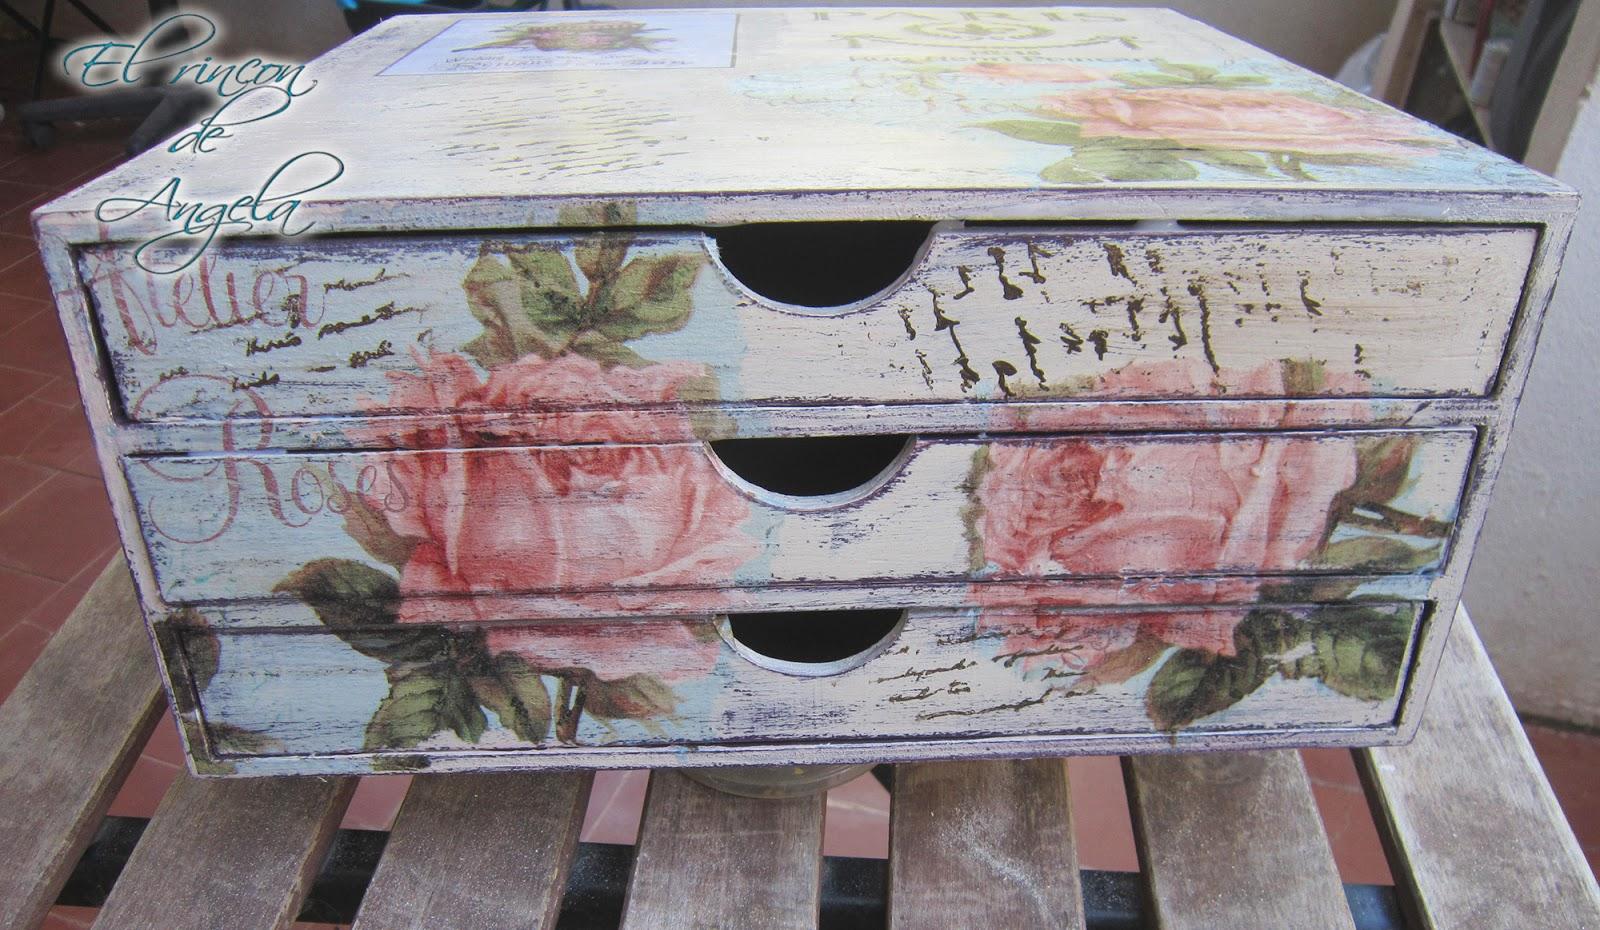 decorar con decapado y reciclar muebles viejos dndoles una apariencia y estilo renovado